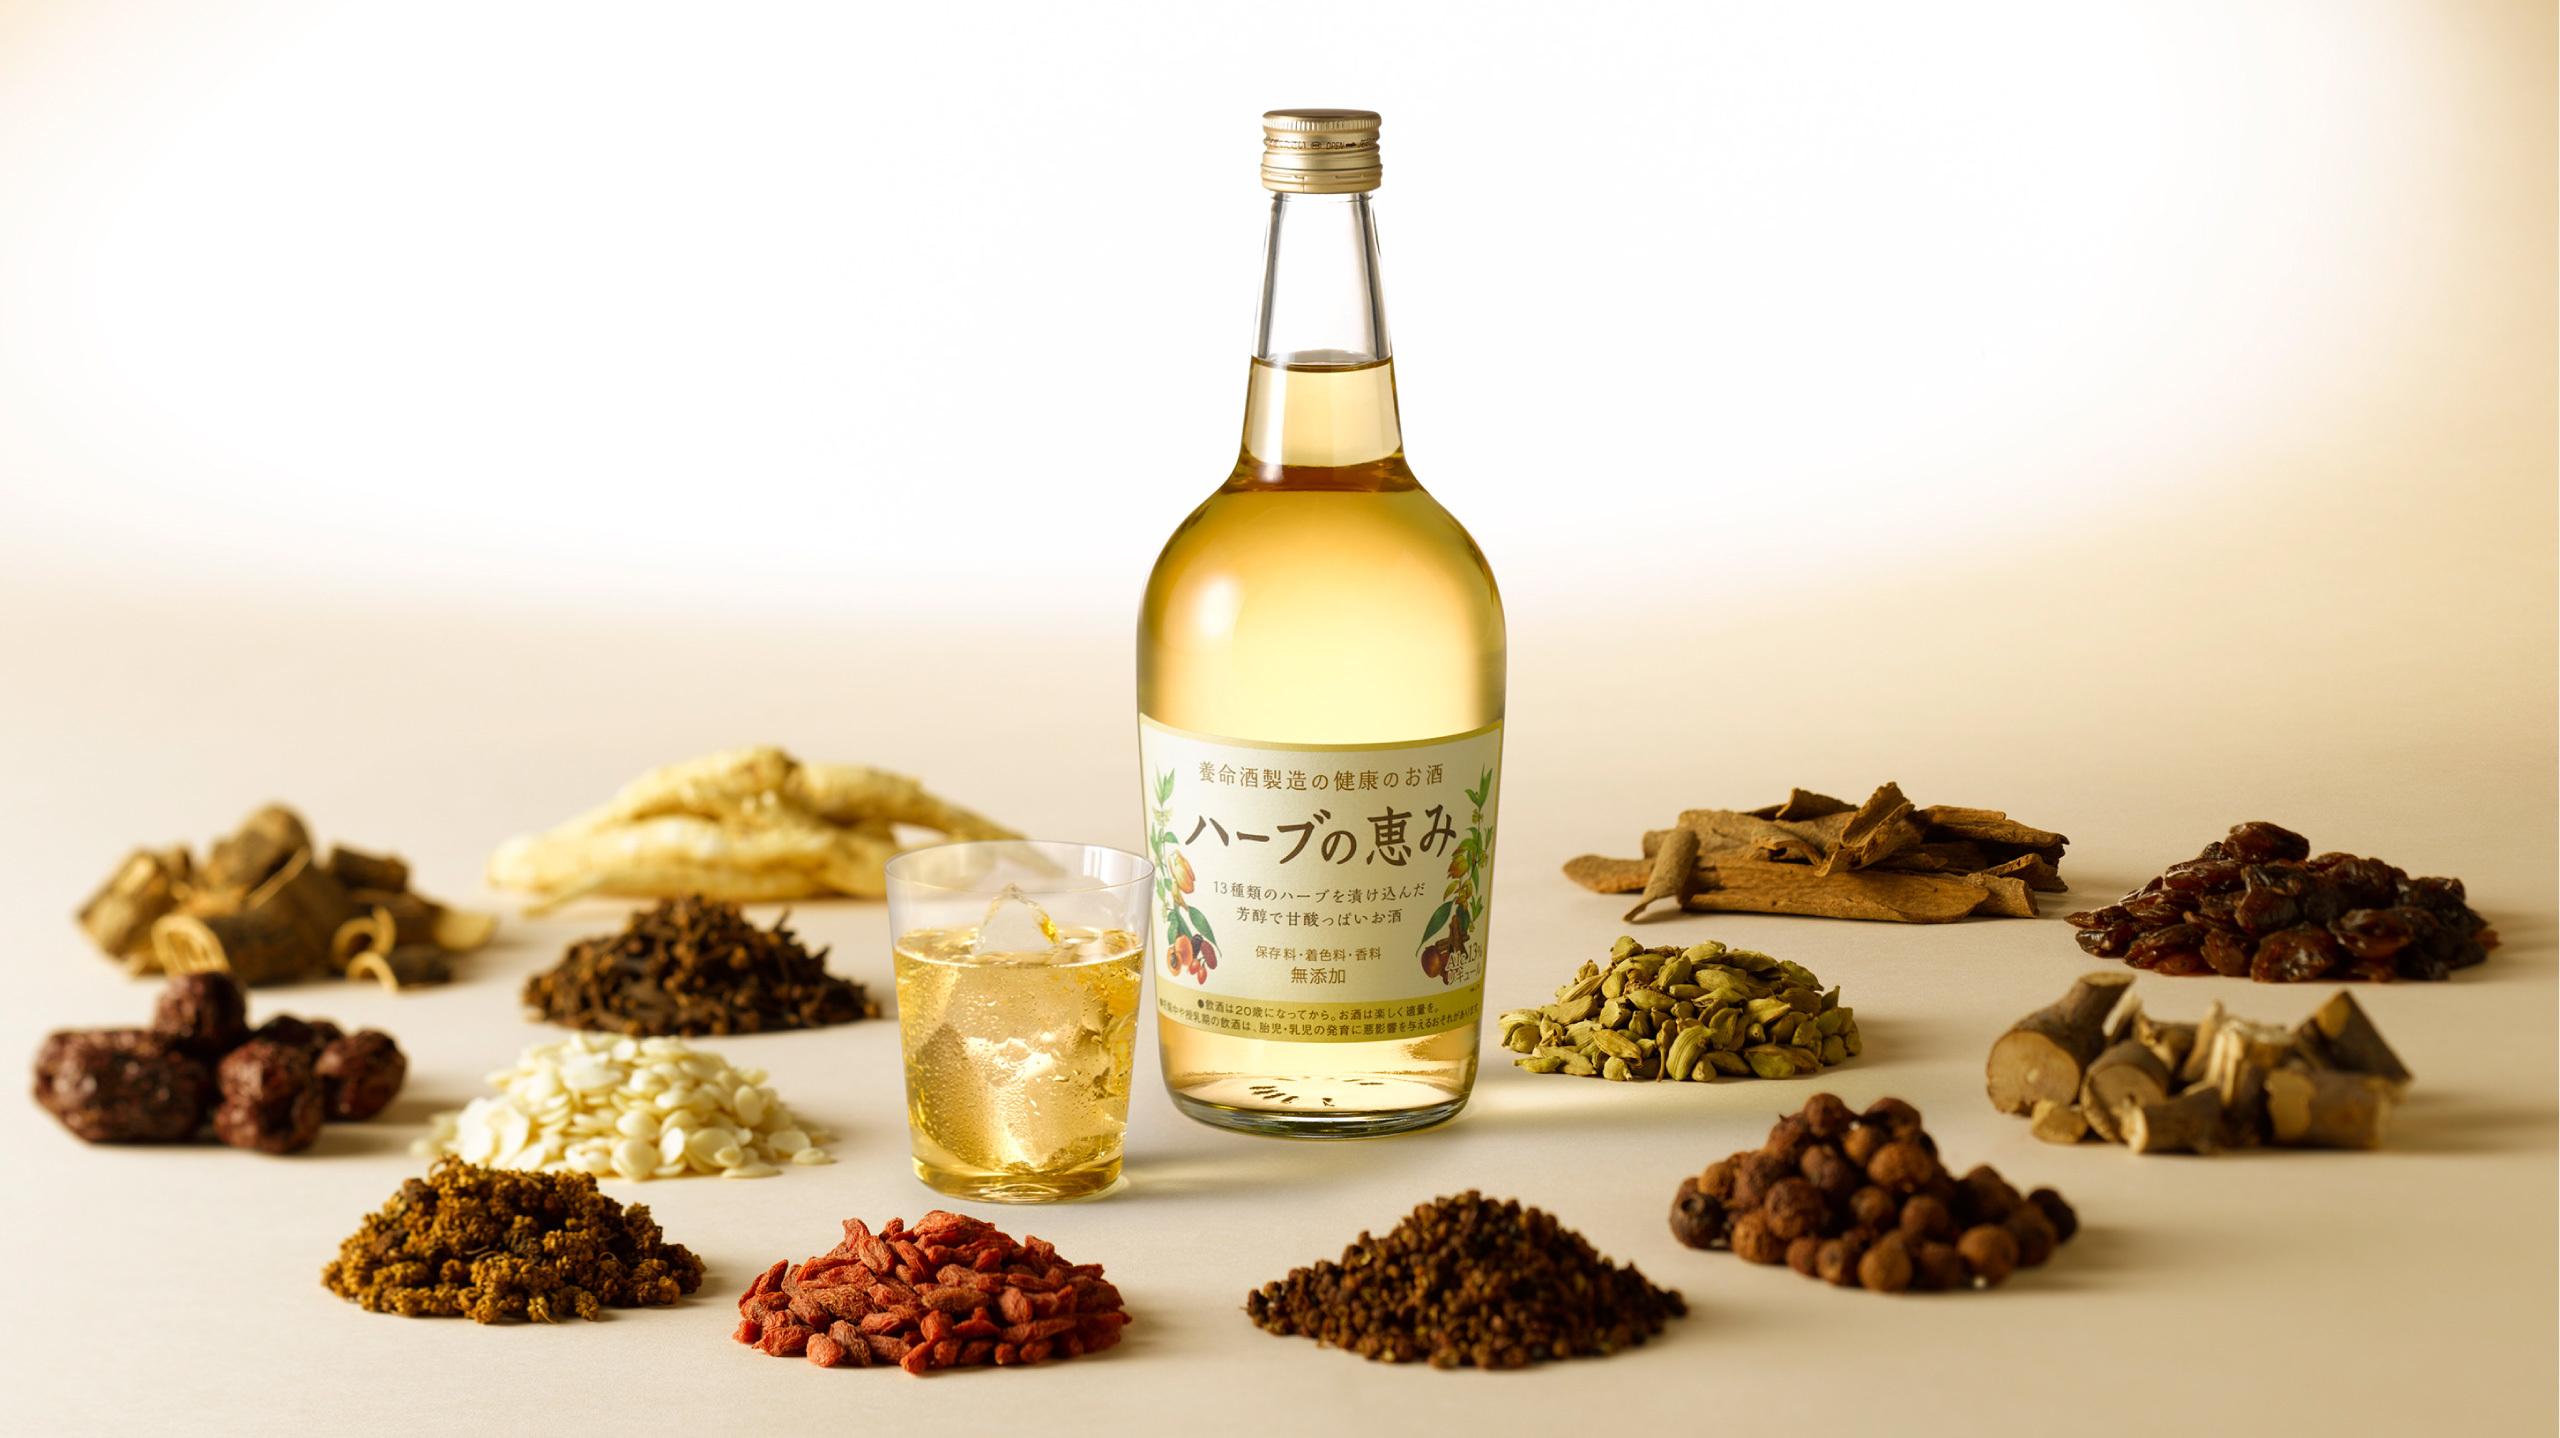 『ハーブの恵み』のさわやかな香りと、甘酸っぱくて芳醇(ほうじゅん)な味わいは、こうして造られました。これは、養命酒製造が長い歴史の中で培った、ハーブの選定技術と合醸法に代表される伝統的な製法があってこそ実現できたと言っても、過言ではありません。また、淡い琥珀色のリキュールはハーブ由来の色調で、見た目にも上質感が漂います。